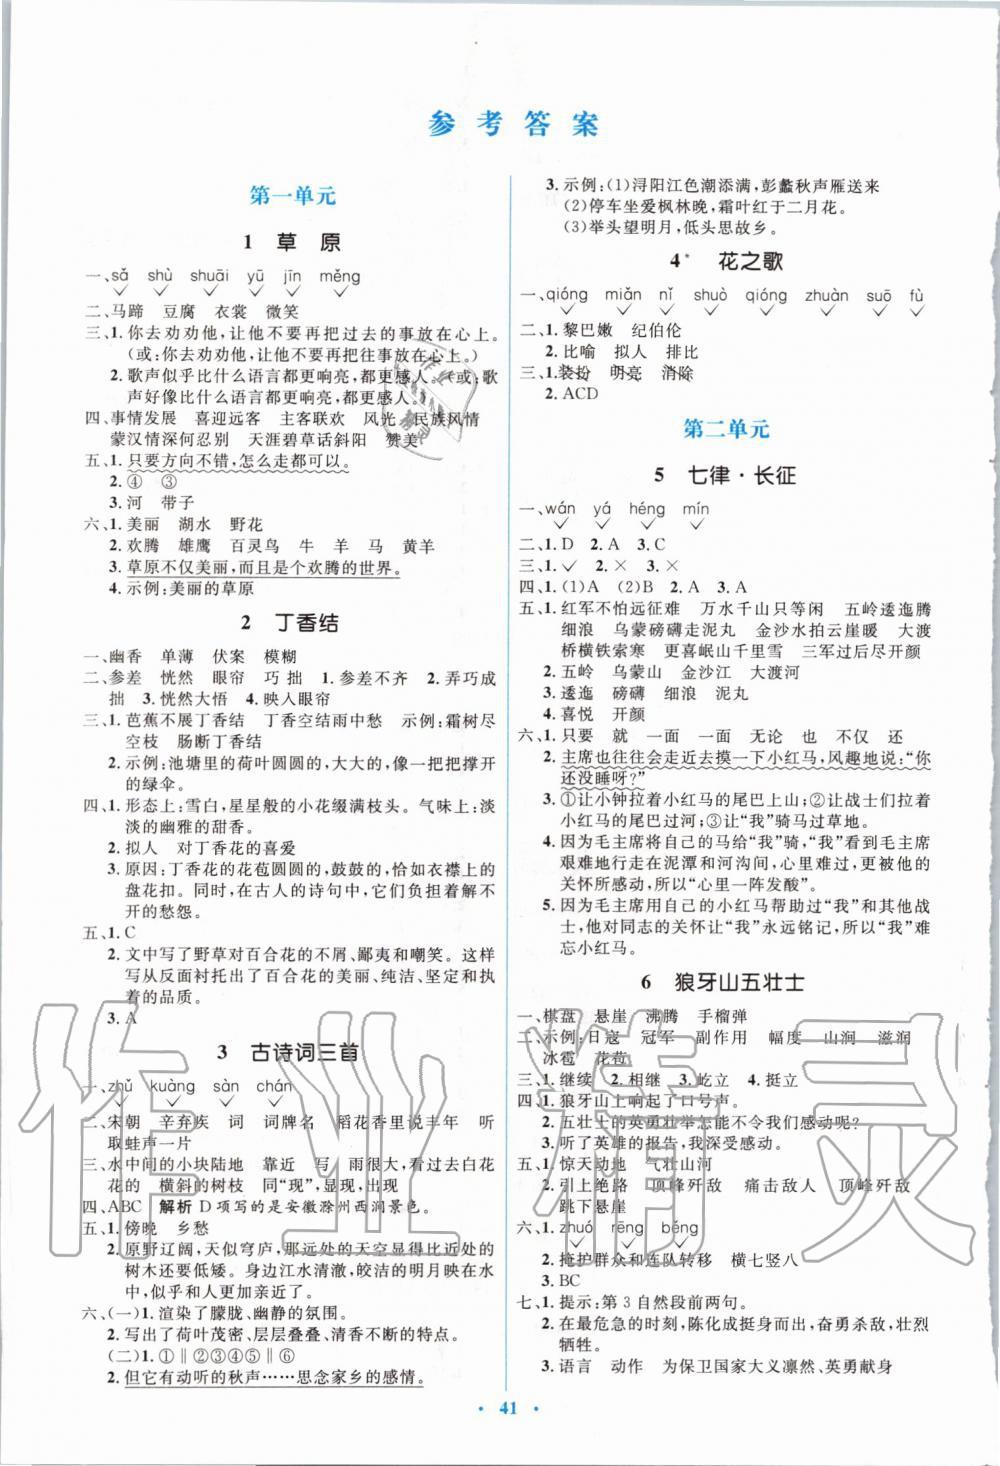 2019年人教金學典同步解析與測評學考練六年級語文上冊人教版第1頁